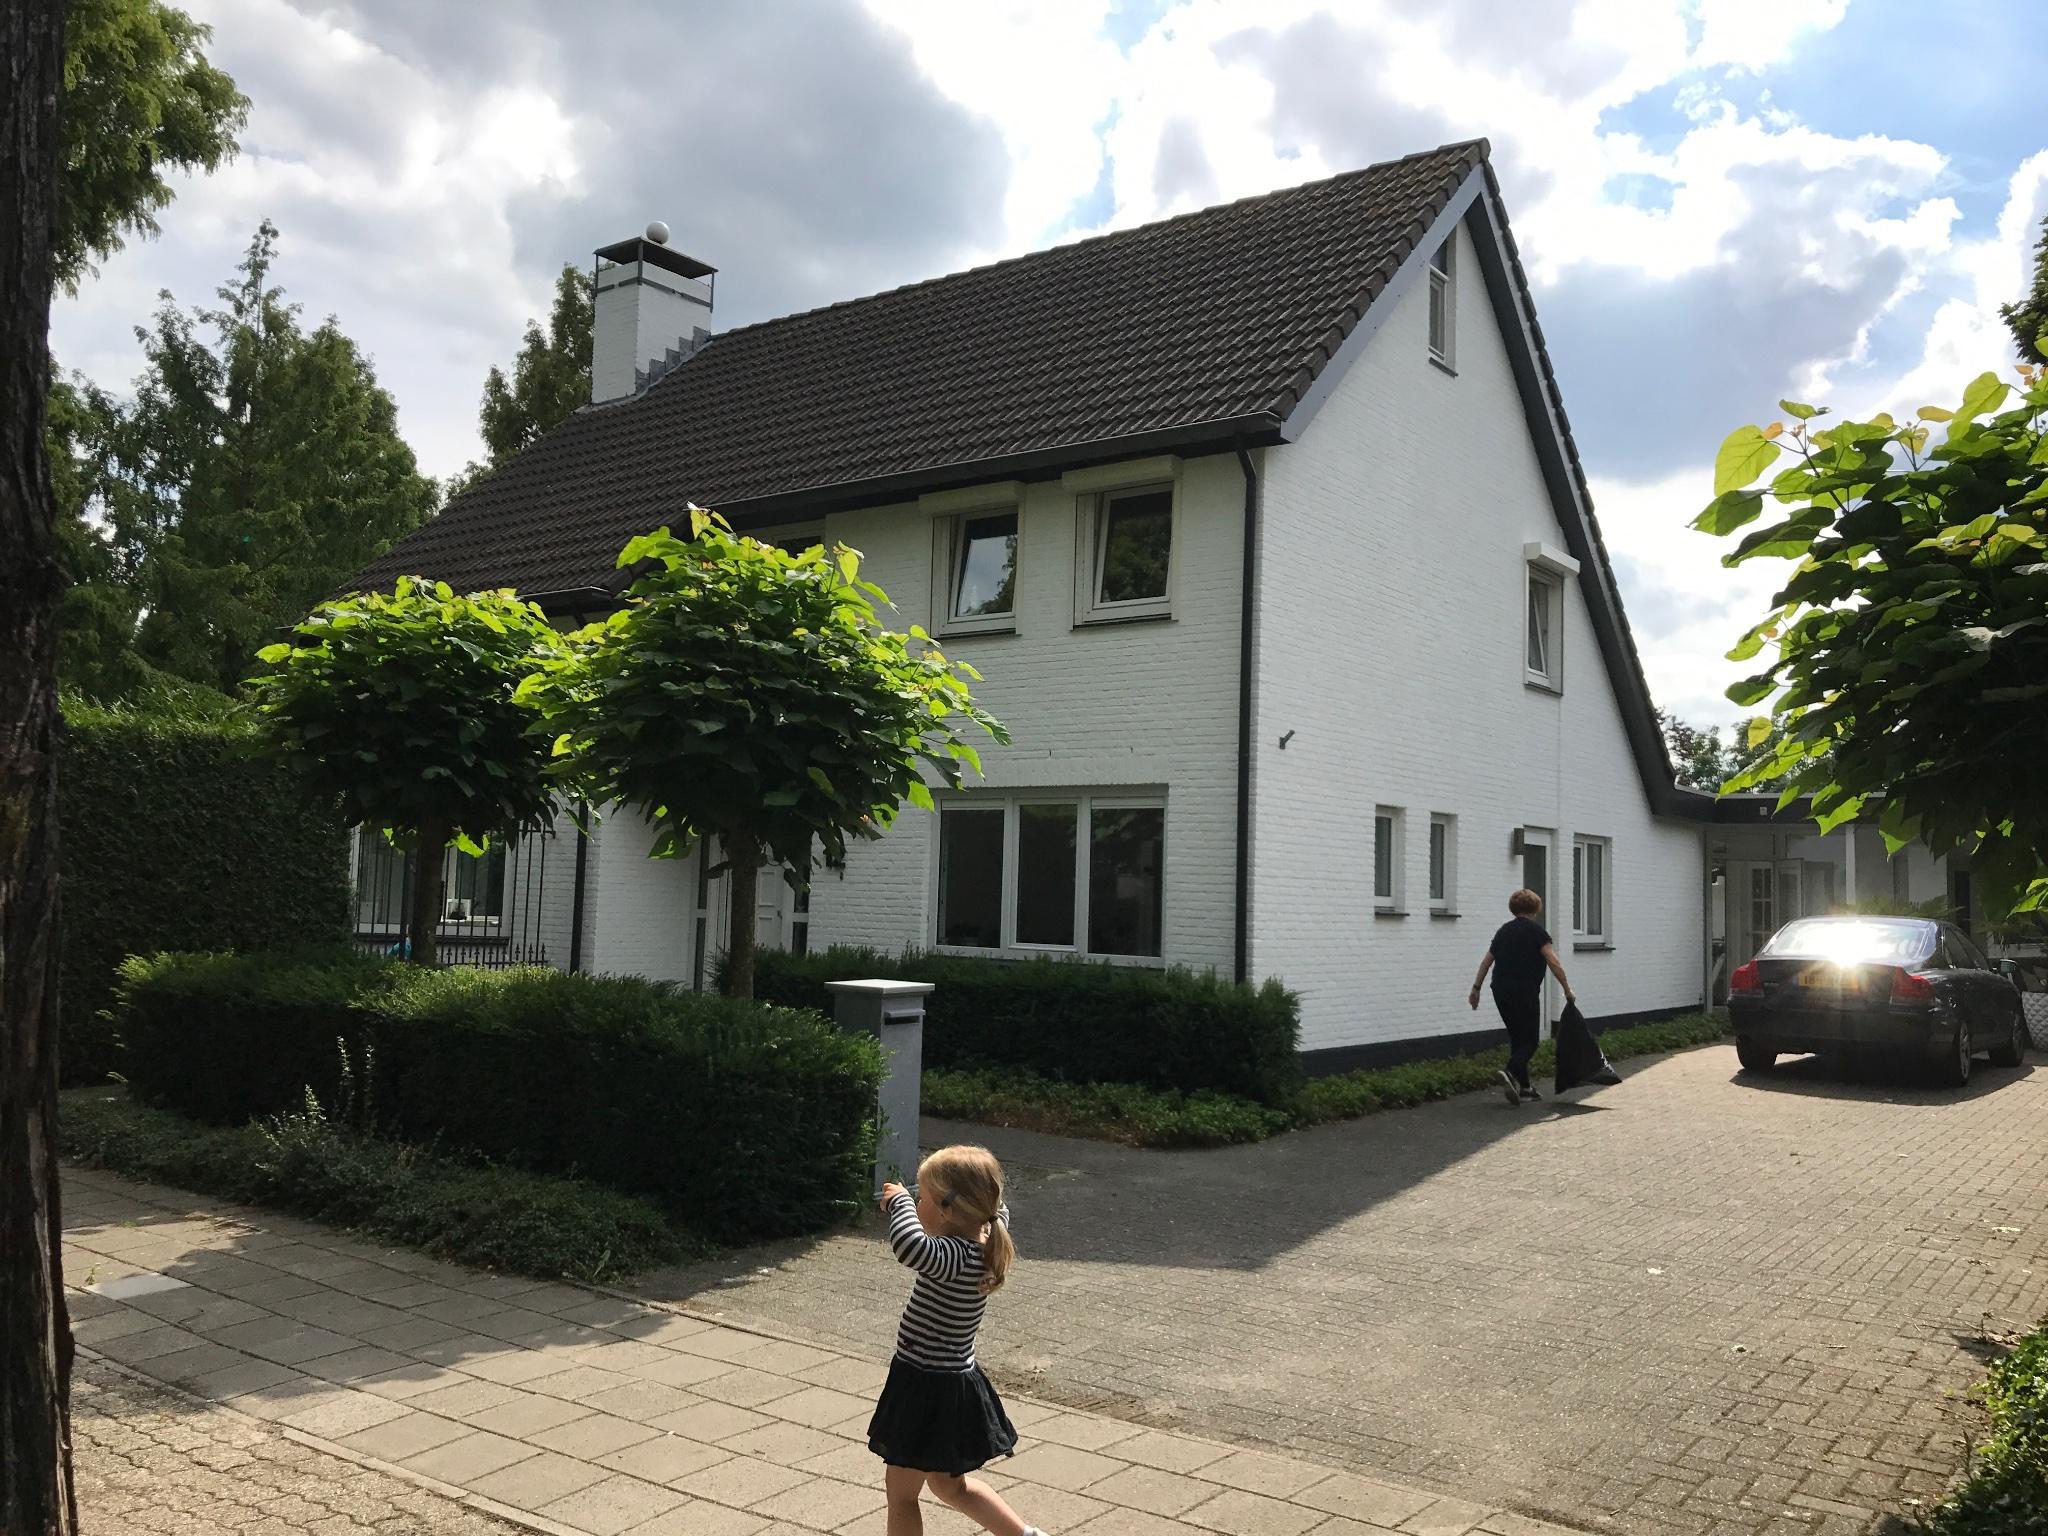 Ongekend Buitenkant huis wit schilderen - Werkspot DT-17